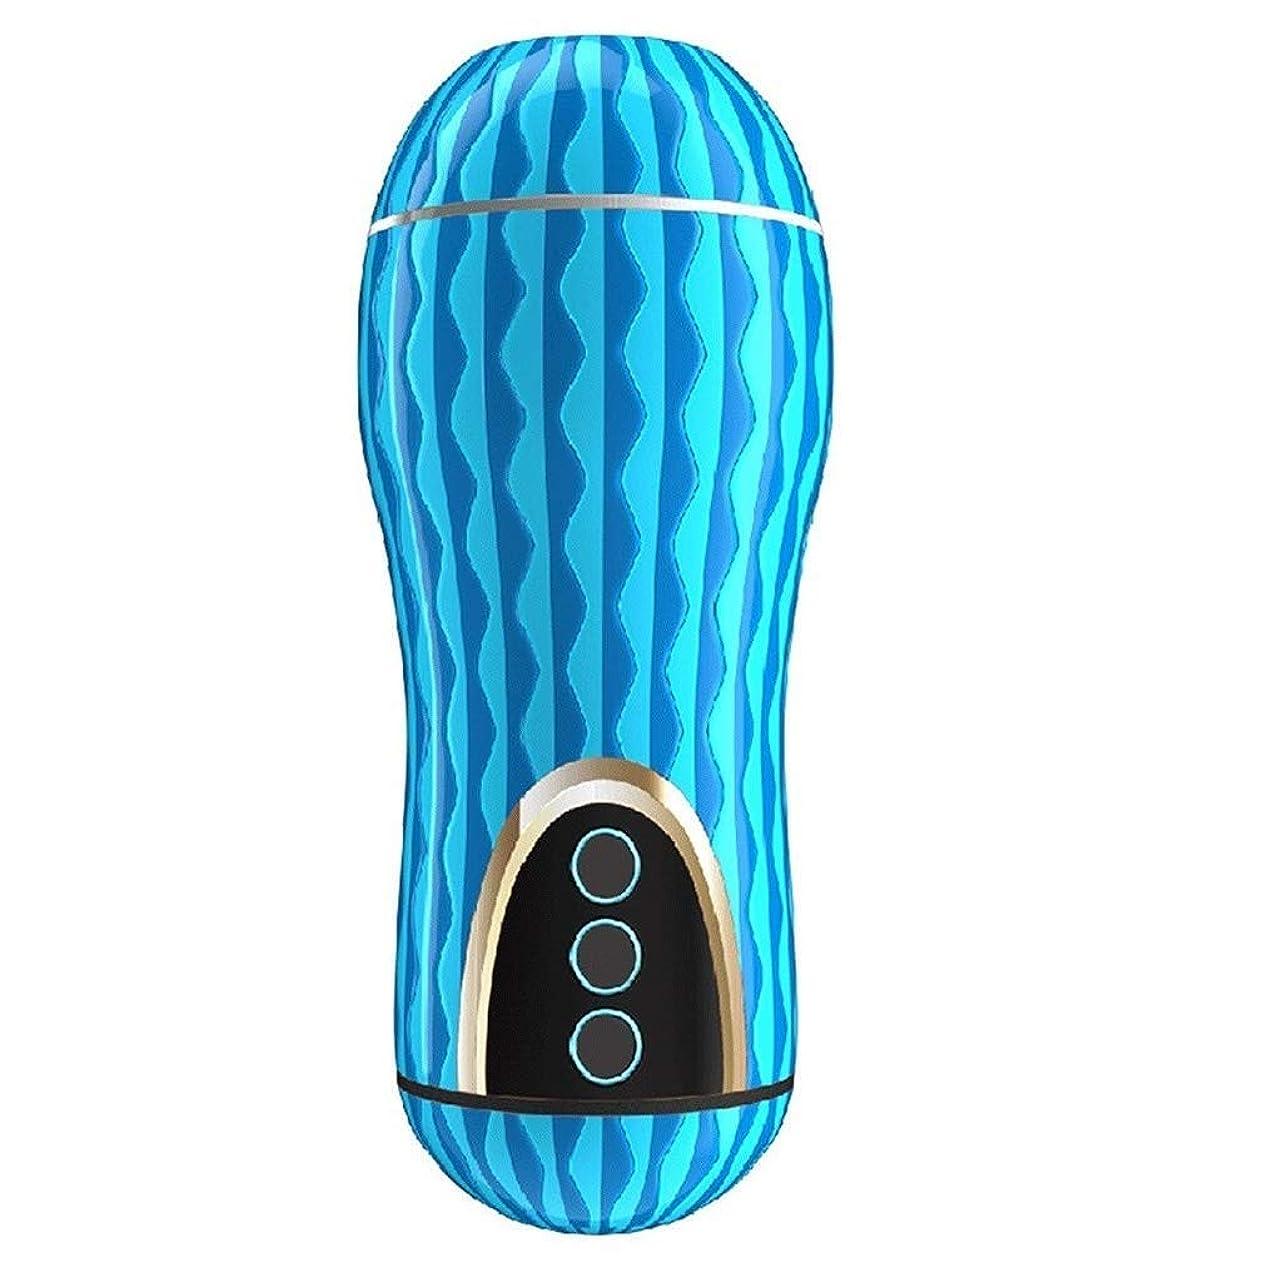 壊す反映するライナー人工リアルな柔らかいシリコーン人形コントロールマッサージャーキット強い吸引/振動マッサージバキュームポンプツール (Color : 青)